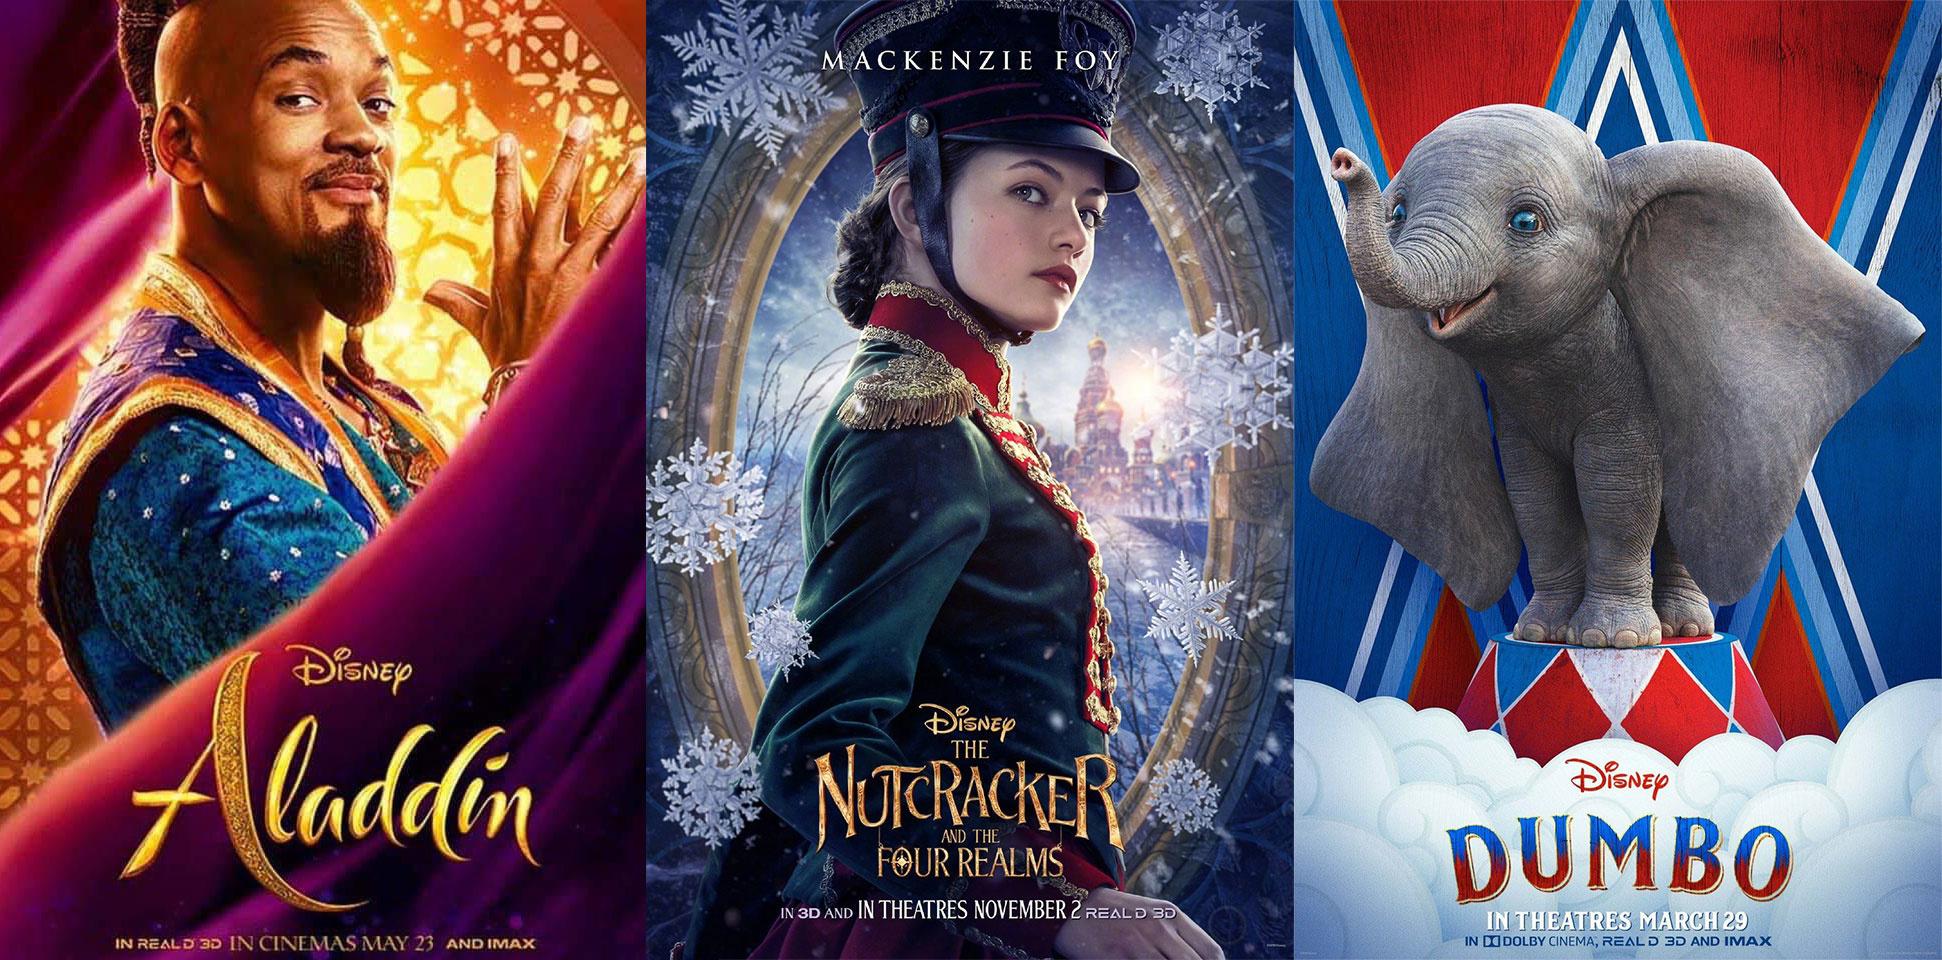 票房表現不佳,為什麼迪士尼真人翻拍電影停不下來?